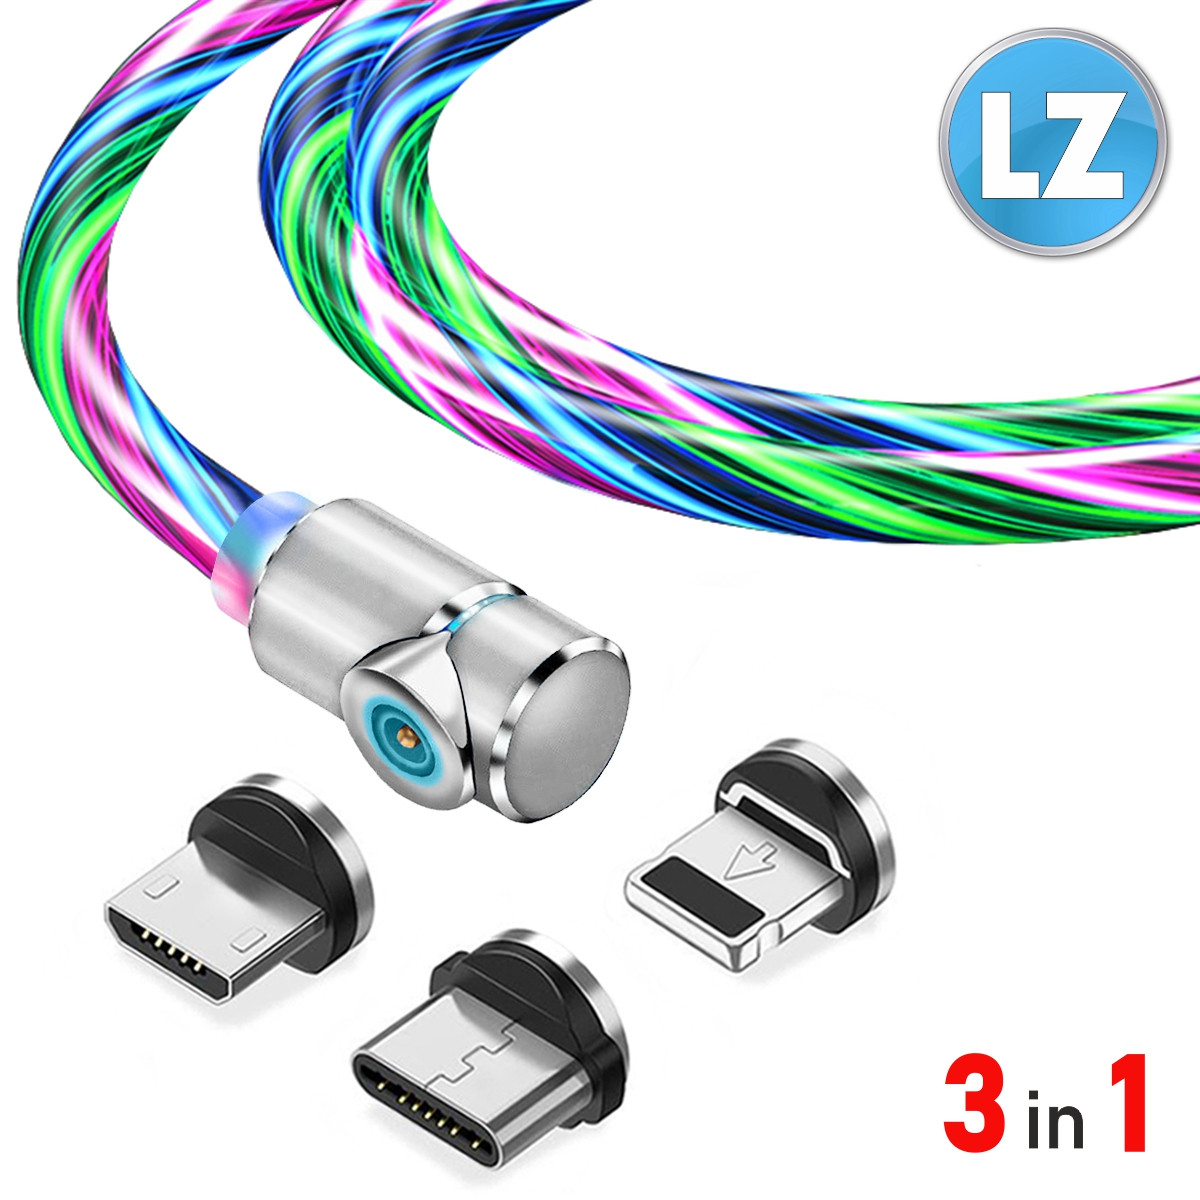 Магнитный кабель TOPK 3в1 (LZ) для зарядки (100 см) RGB